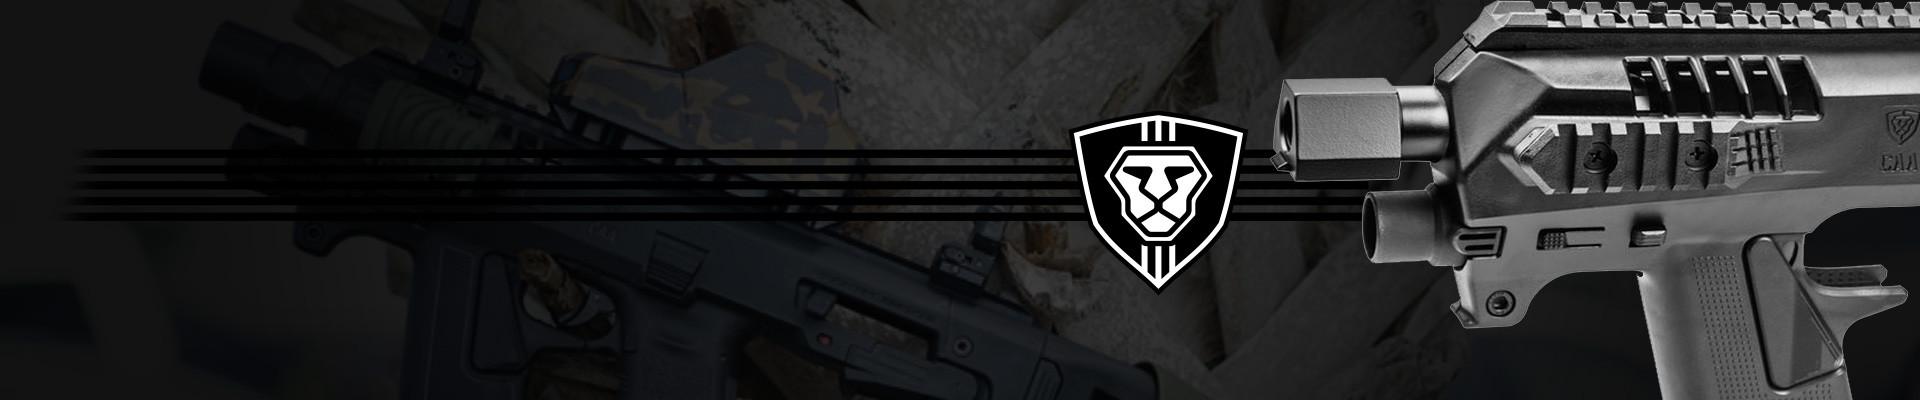 Nuovo Micro Roni per Glock Gen 5